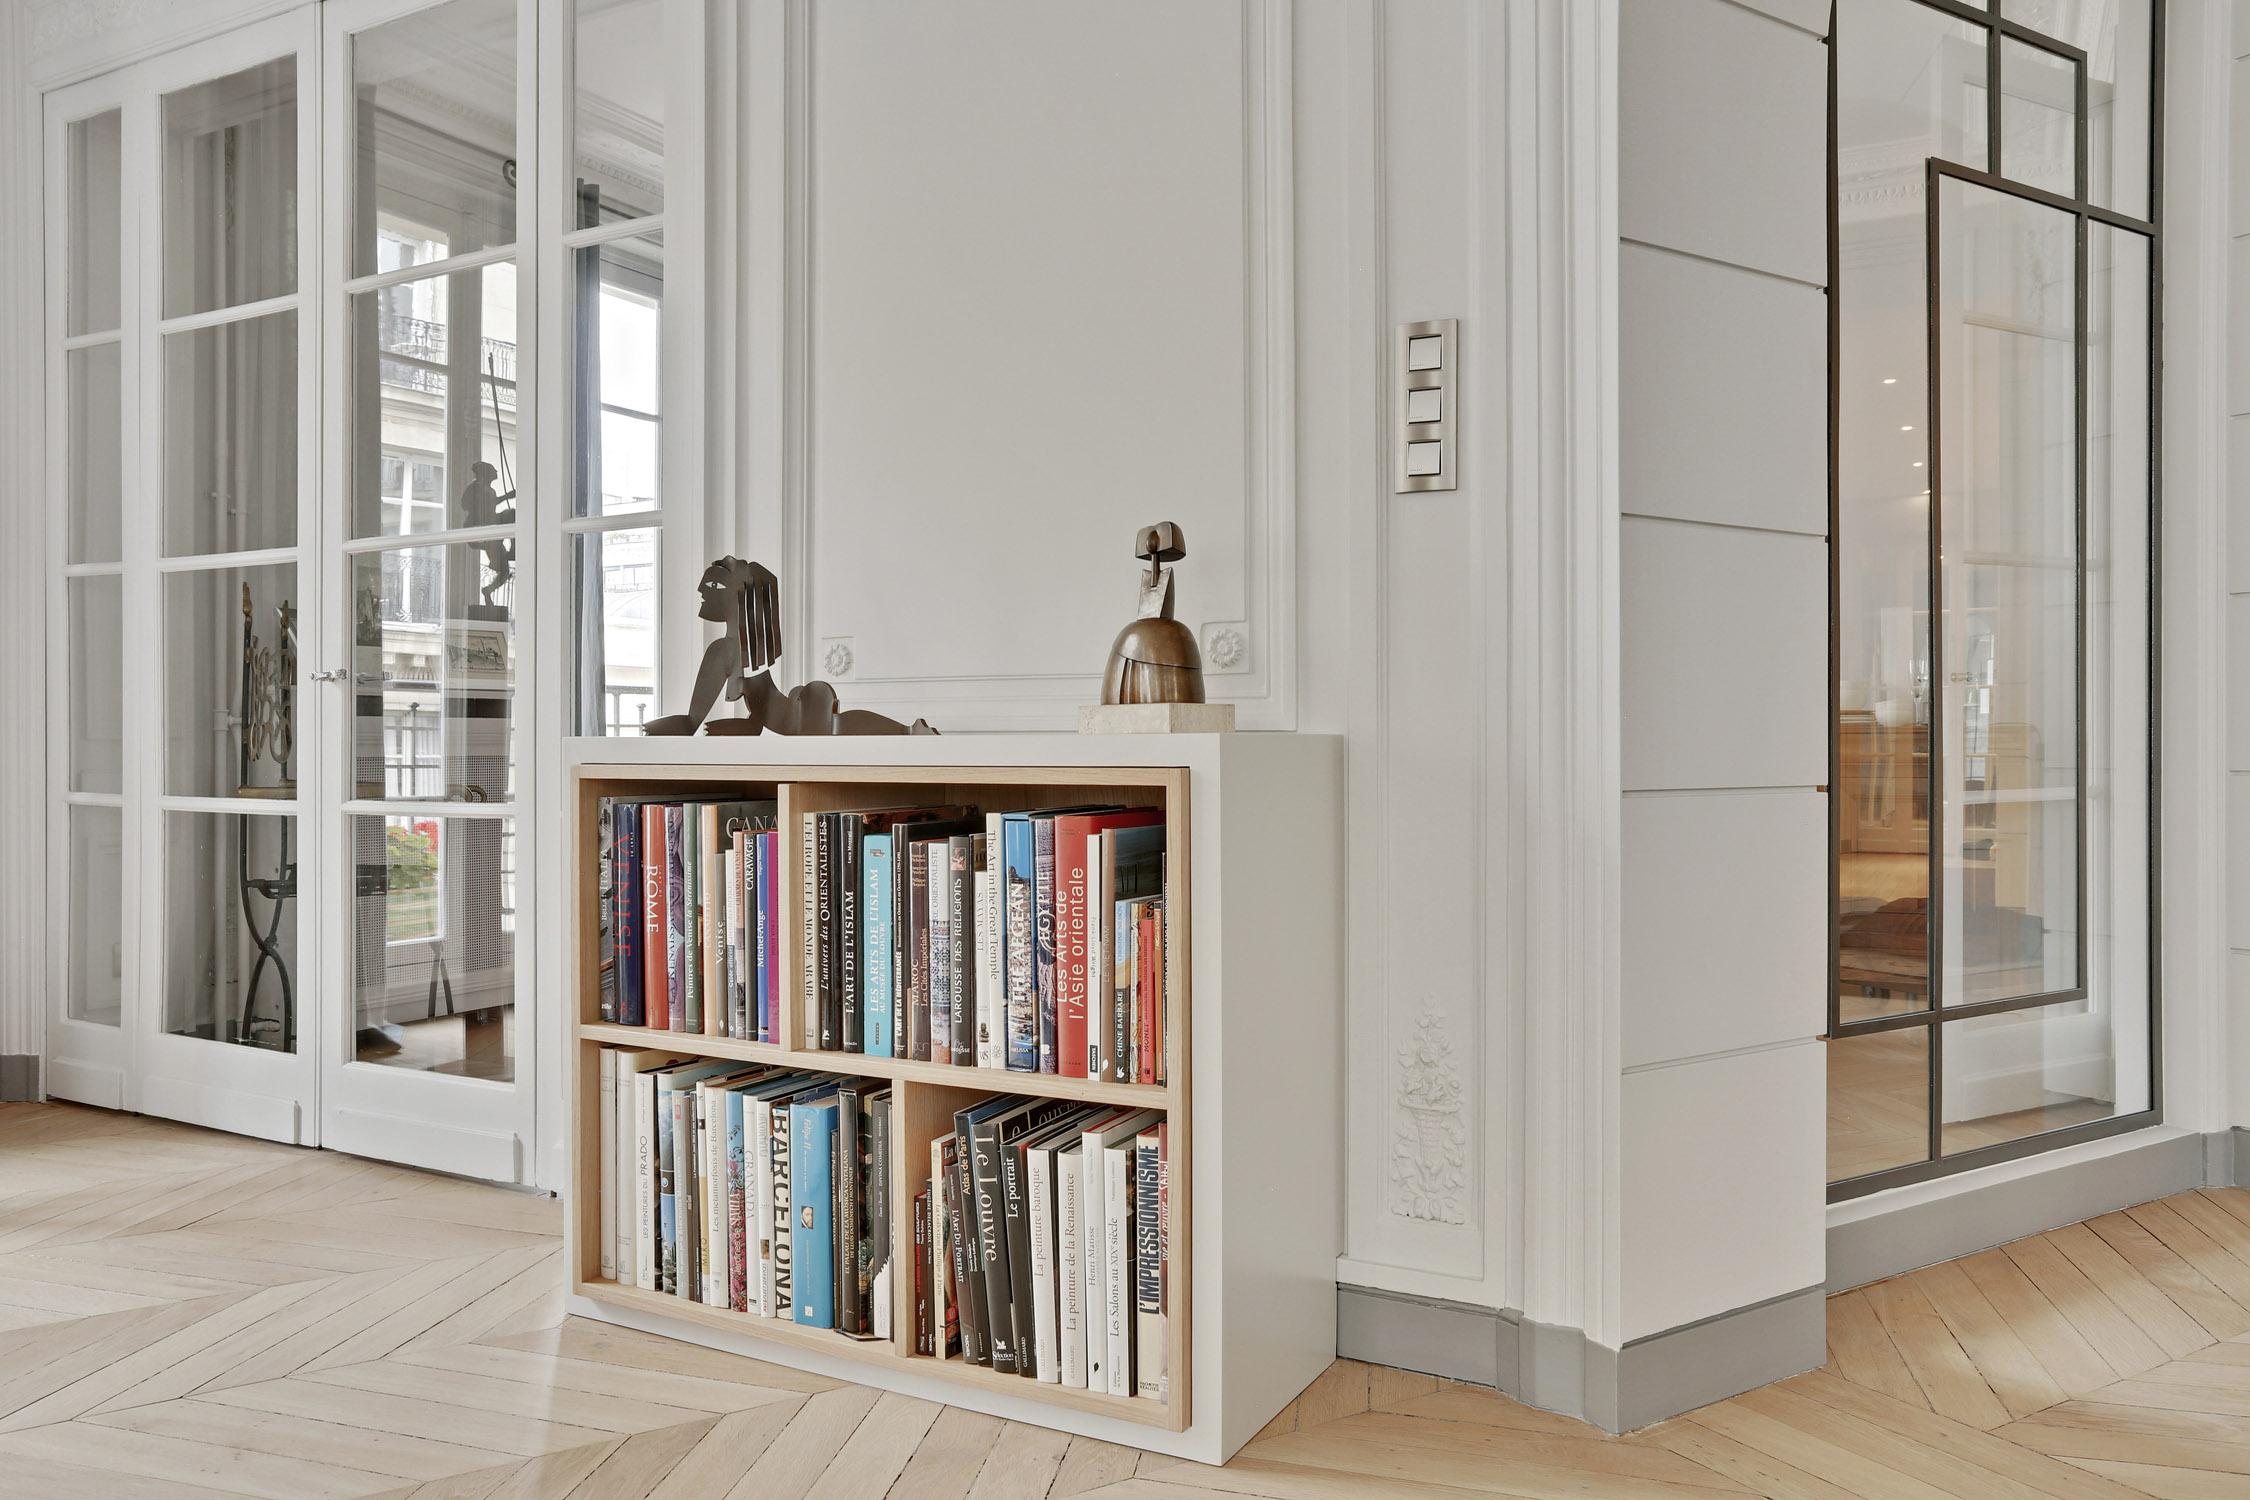 rénovation - appartement haussmannien - verrière sur mesure - blanc cassé et bois - bibliothèque sur mesure